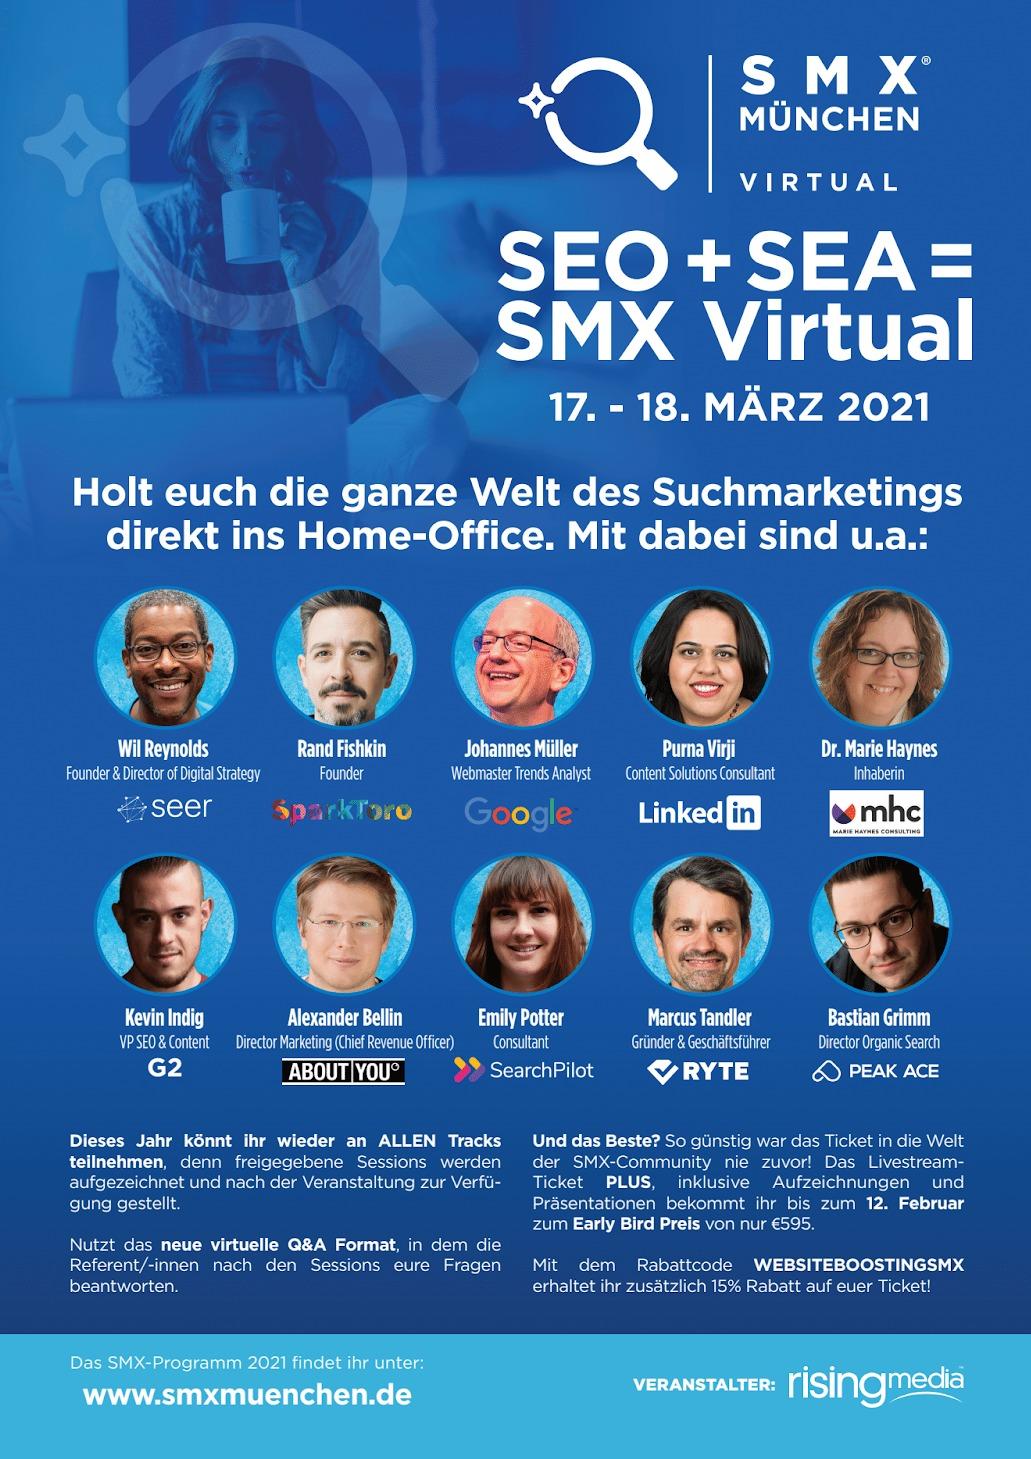 Grafik zur SMX München Virtual mit den wichtigsten Speakern